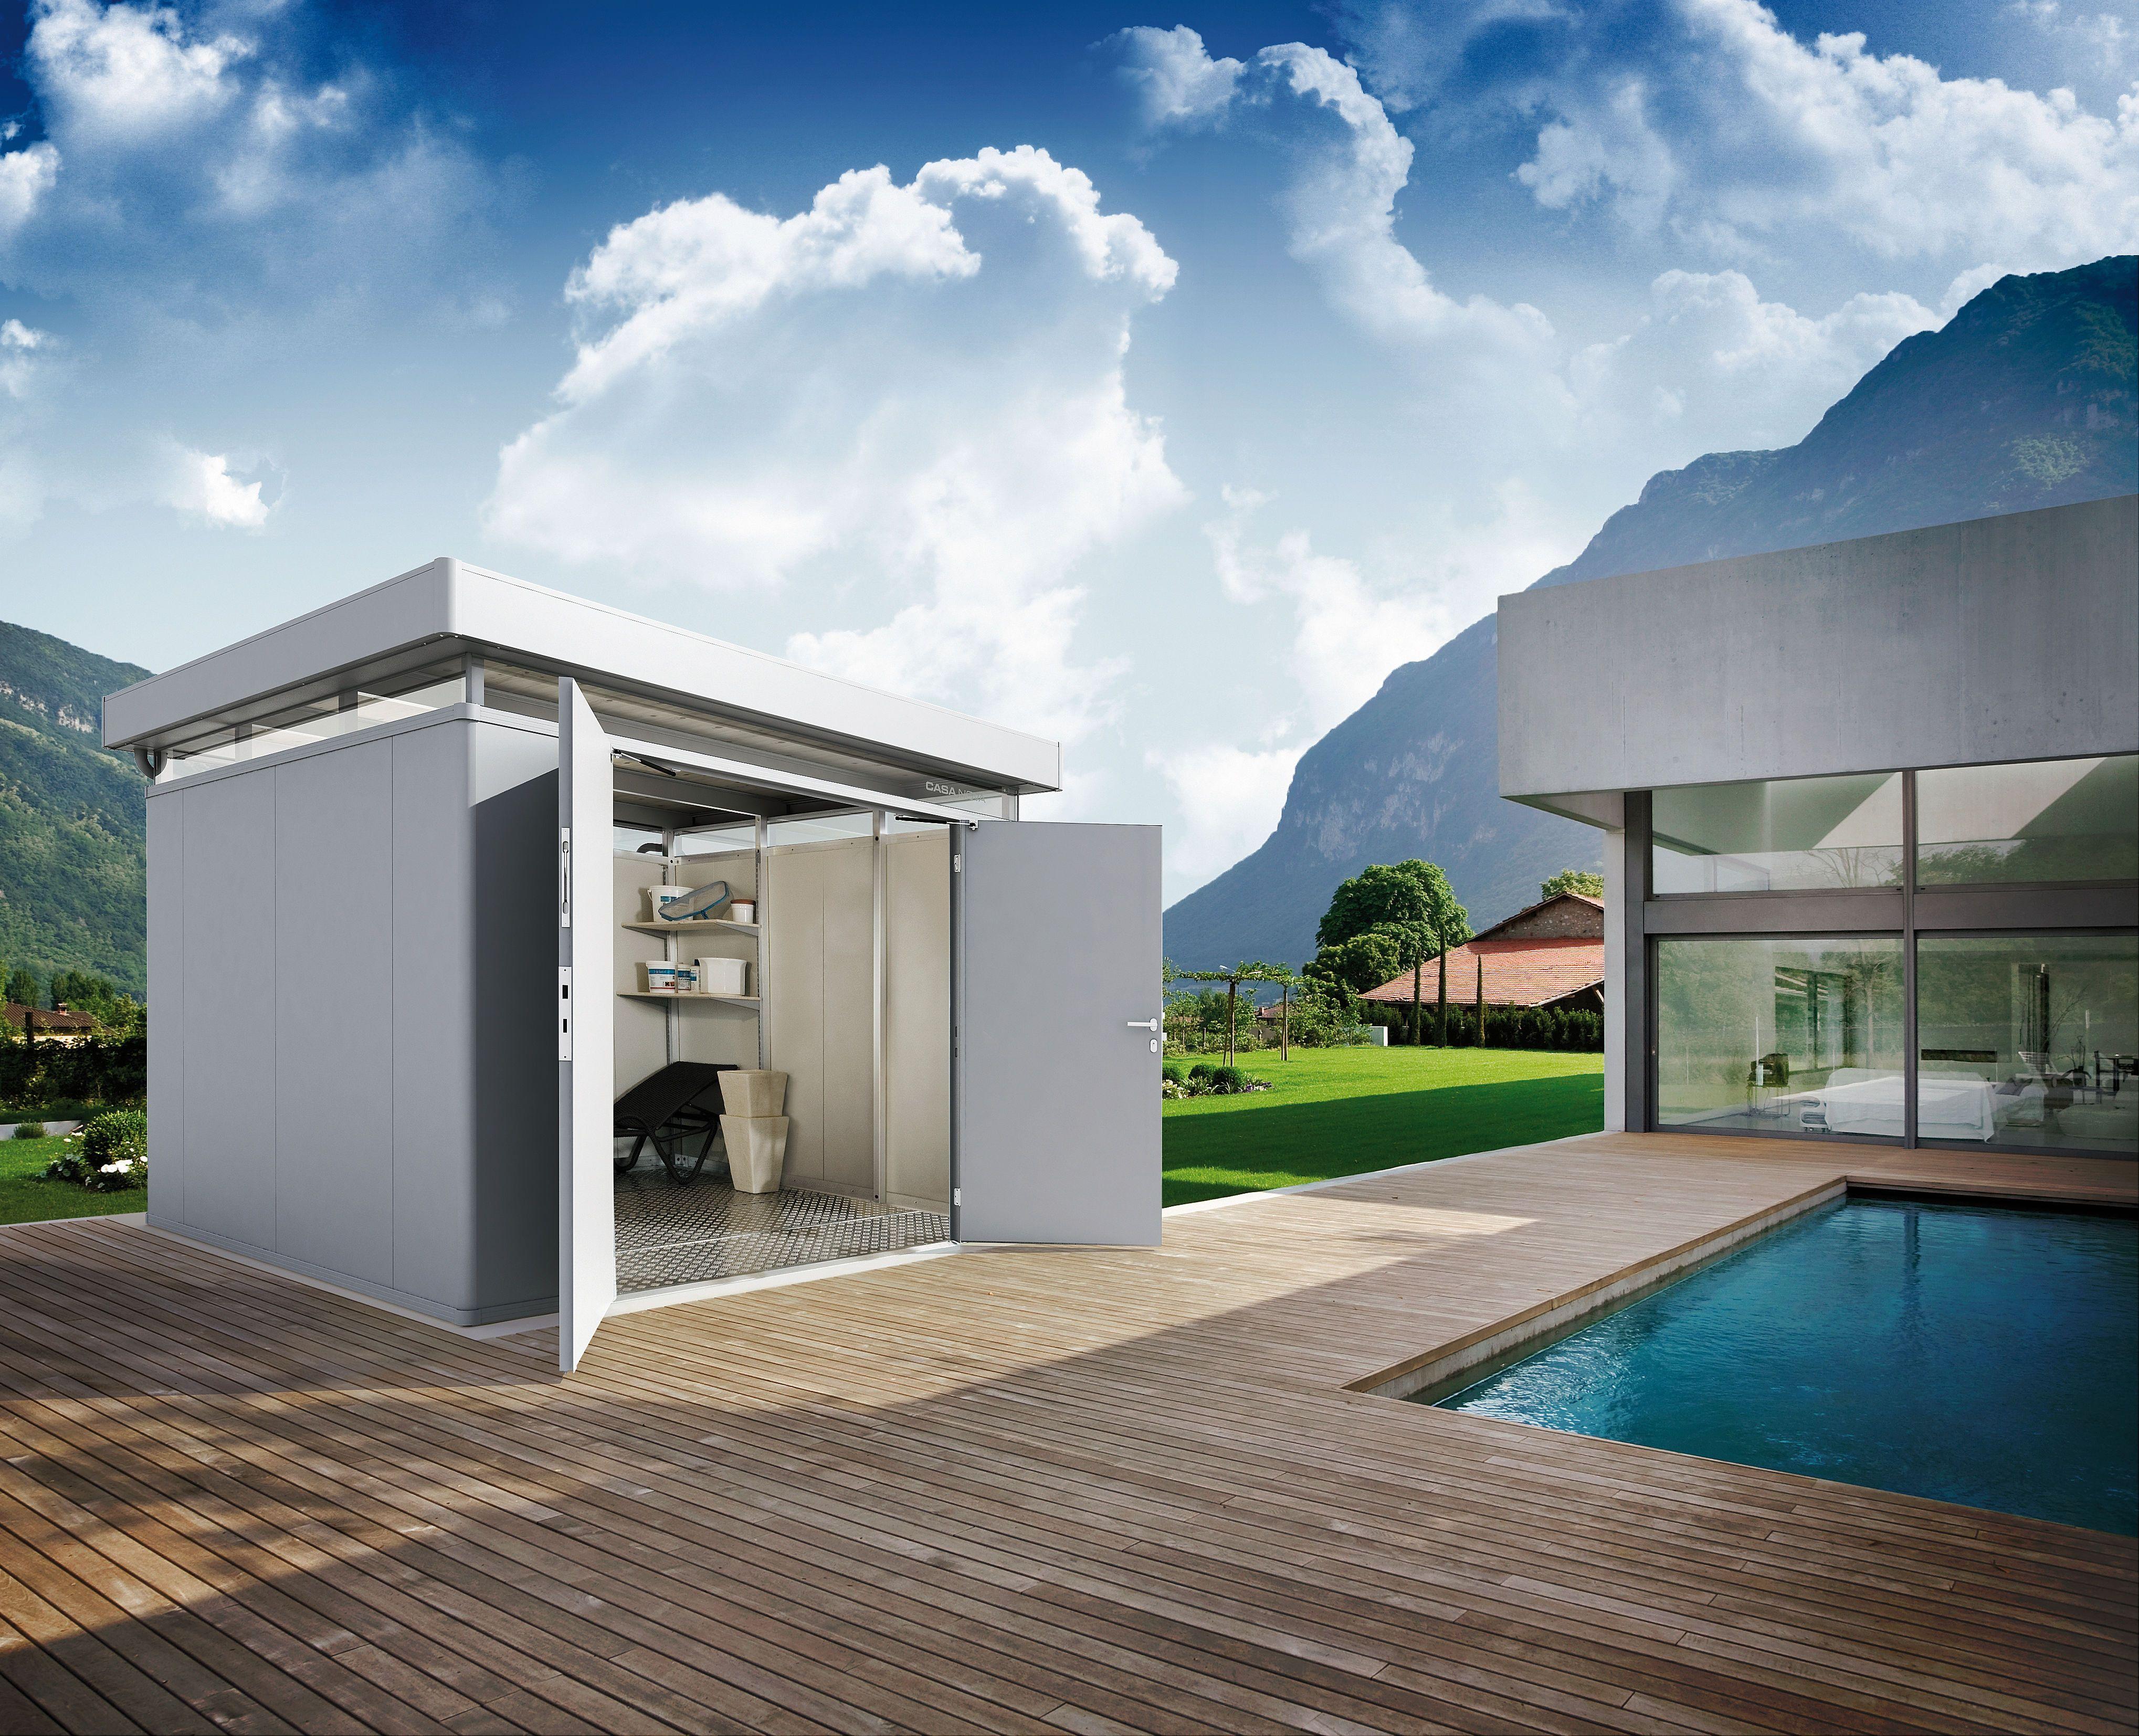 Design und Funktion Unter einem Dach Das isolierte Design